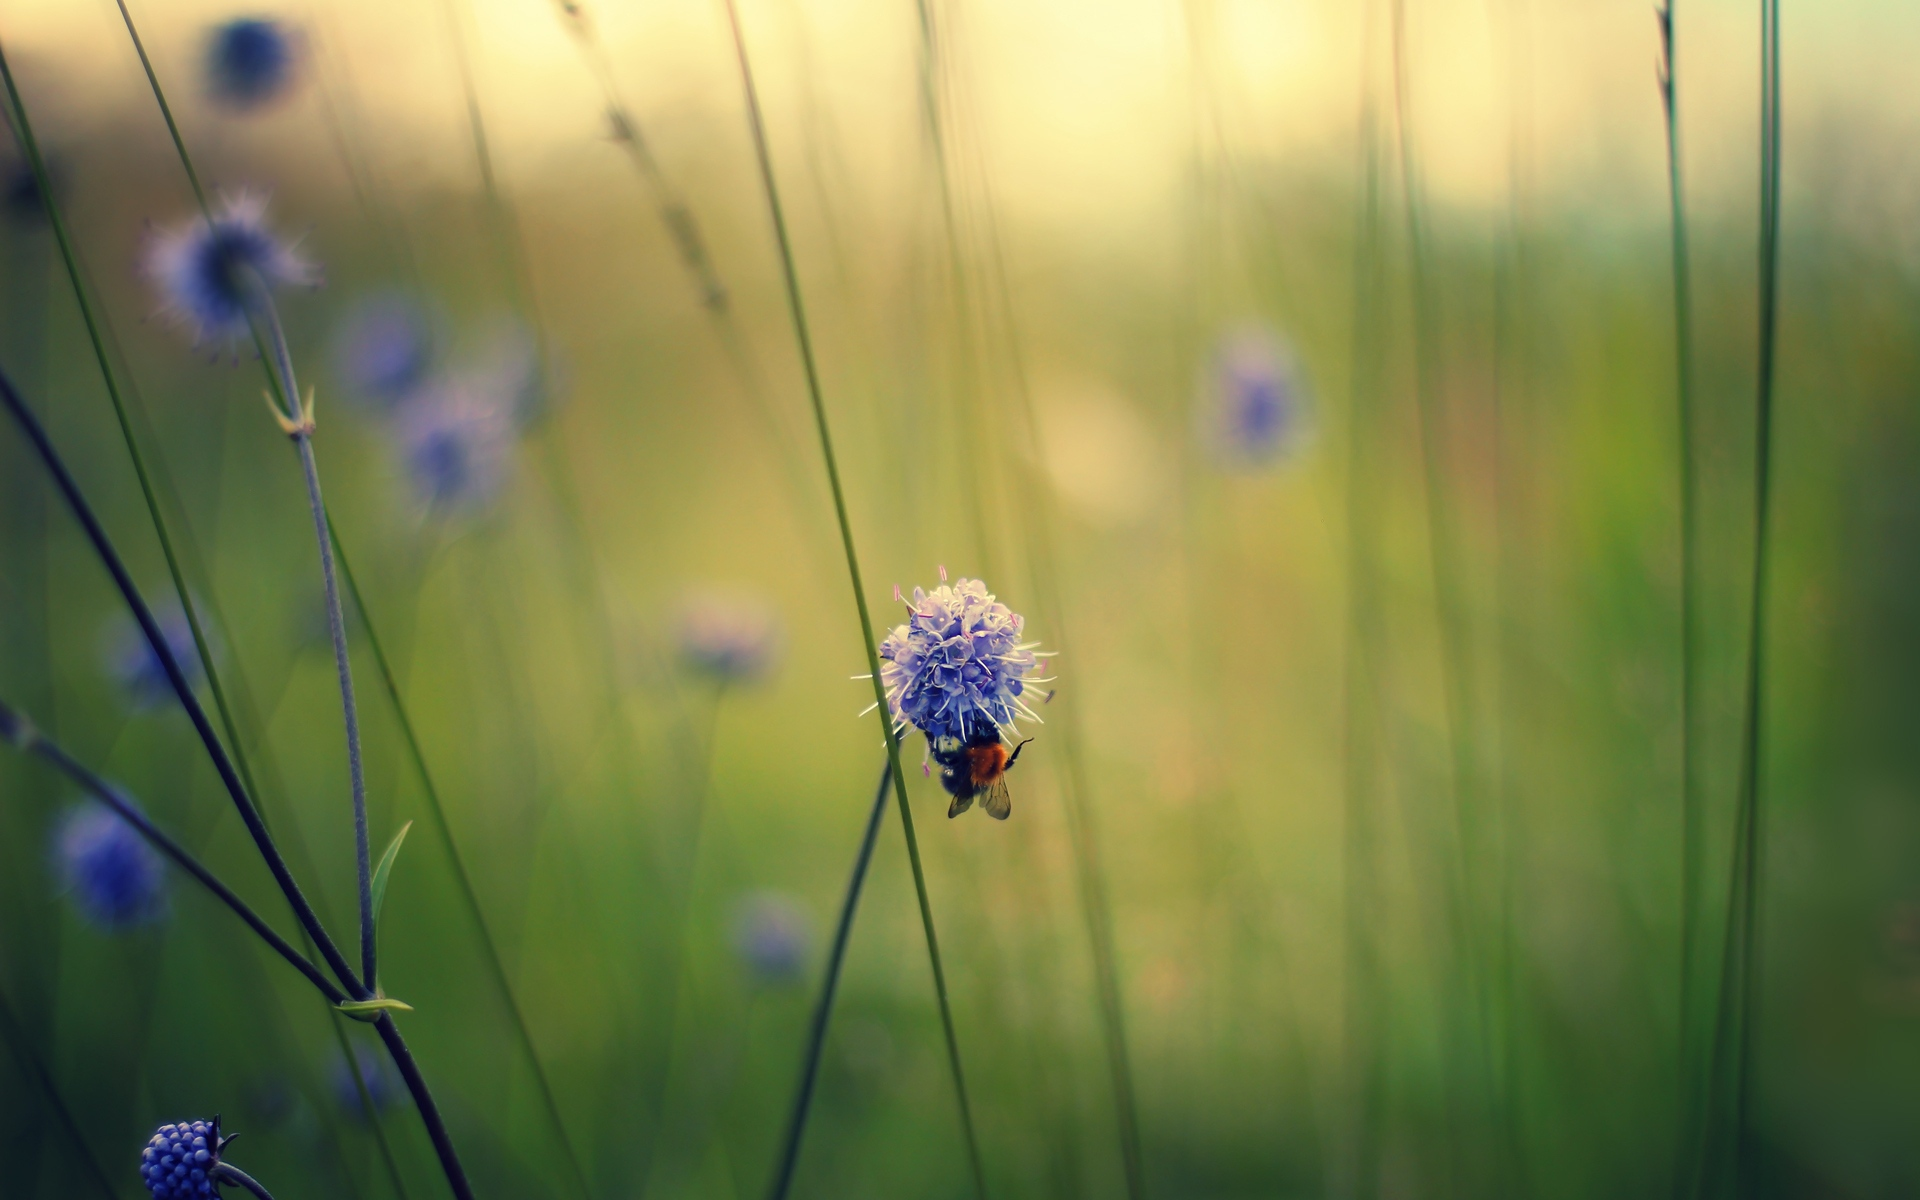 Картинки Макро, цветы, поле, пчела, стебли фото и обои на рабочий стол